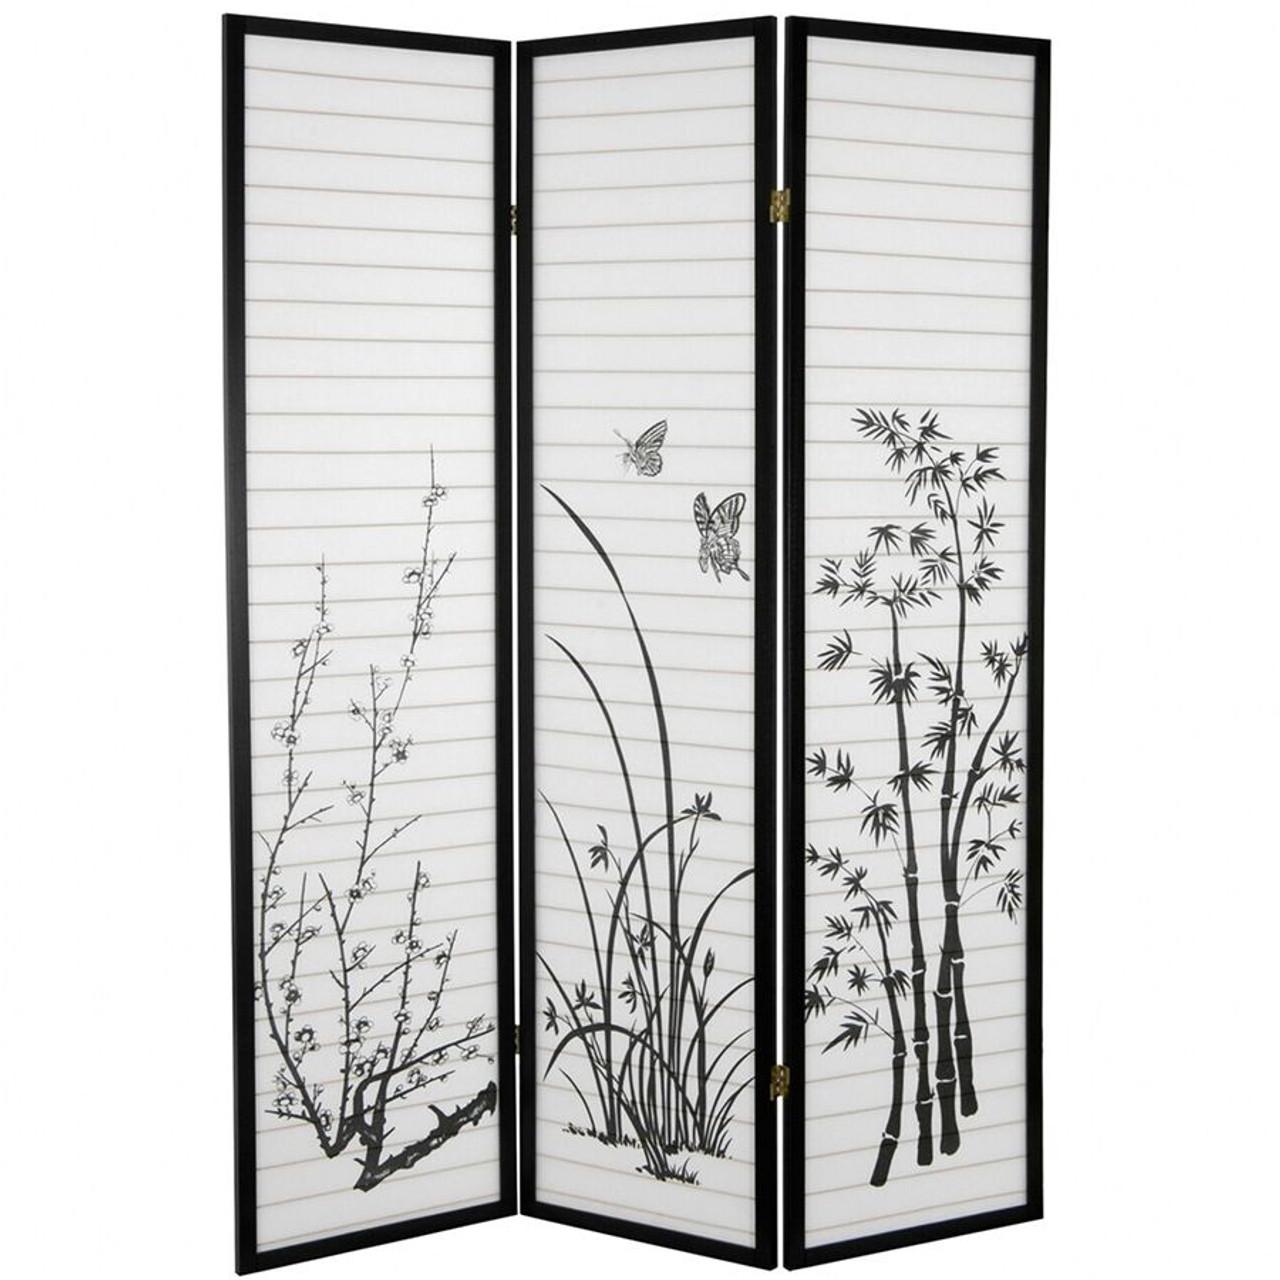 Room Divider 3 Panel Bamboo Floral Print Black Frame